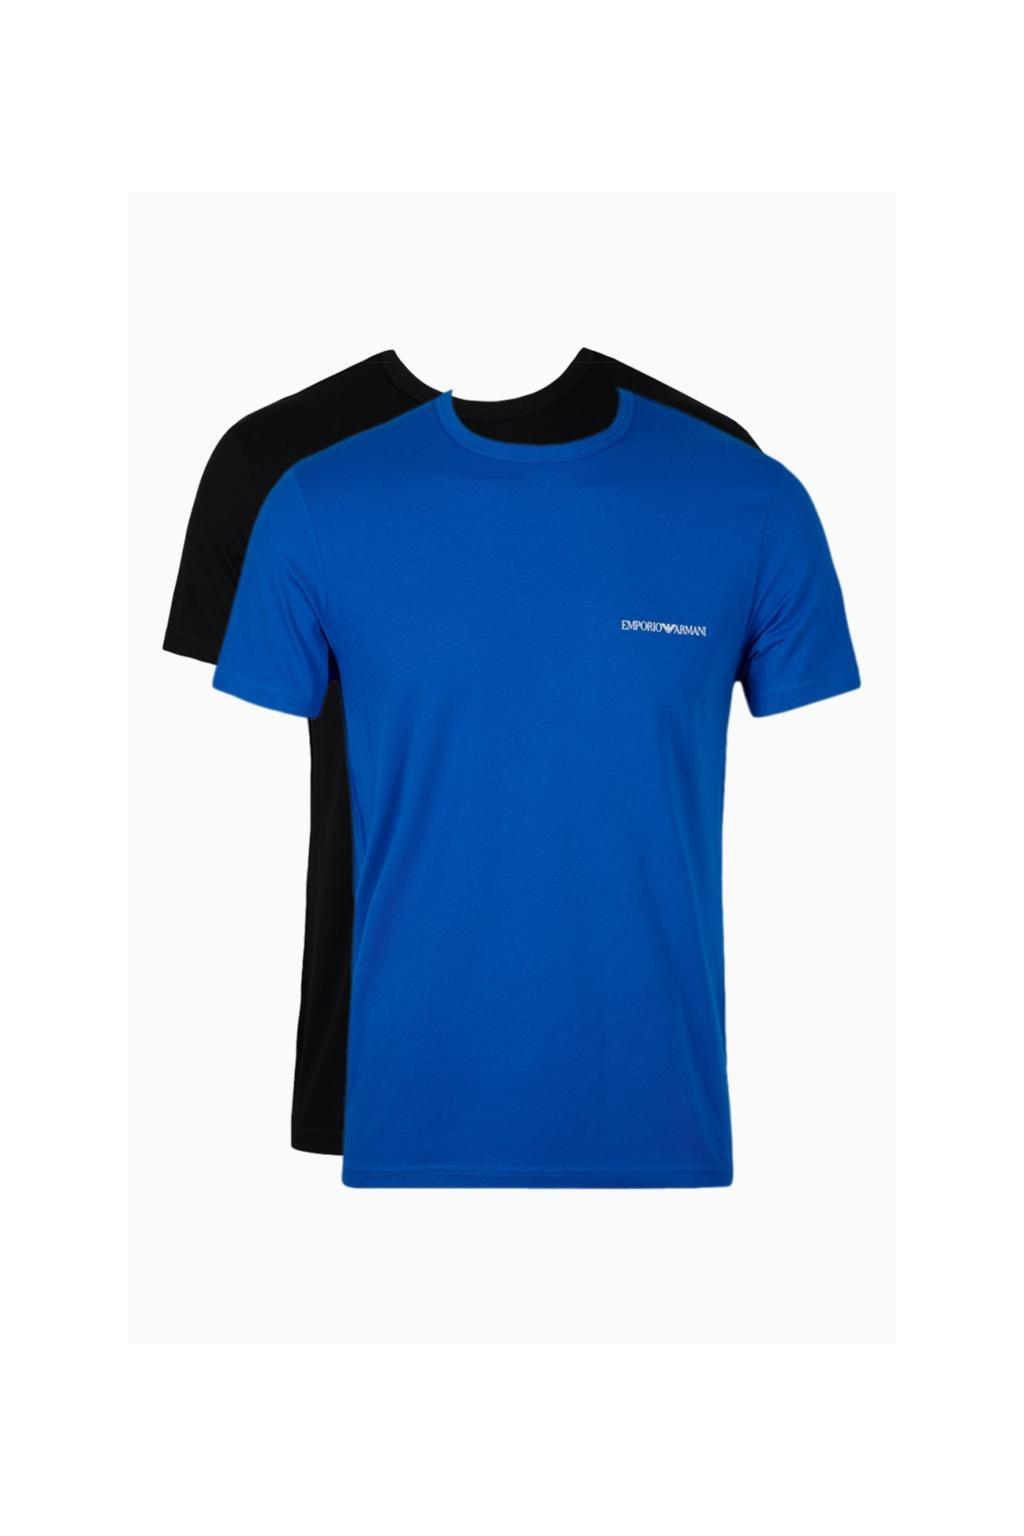 40157885bbc7 Emporio Armani Monogram trička 2-balení - černá modrá - BePink.cz